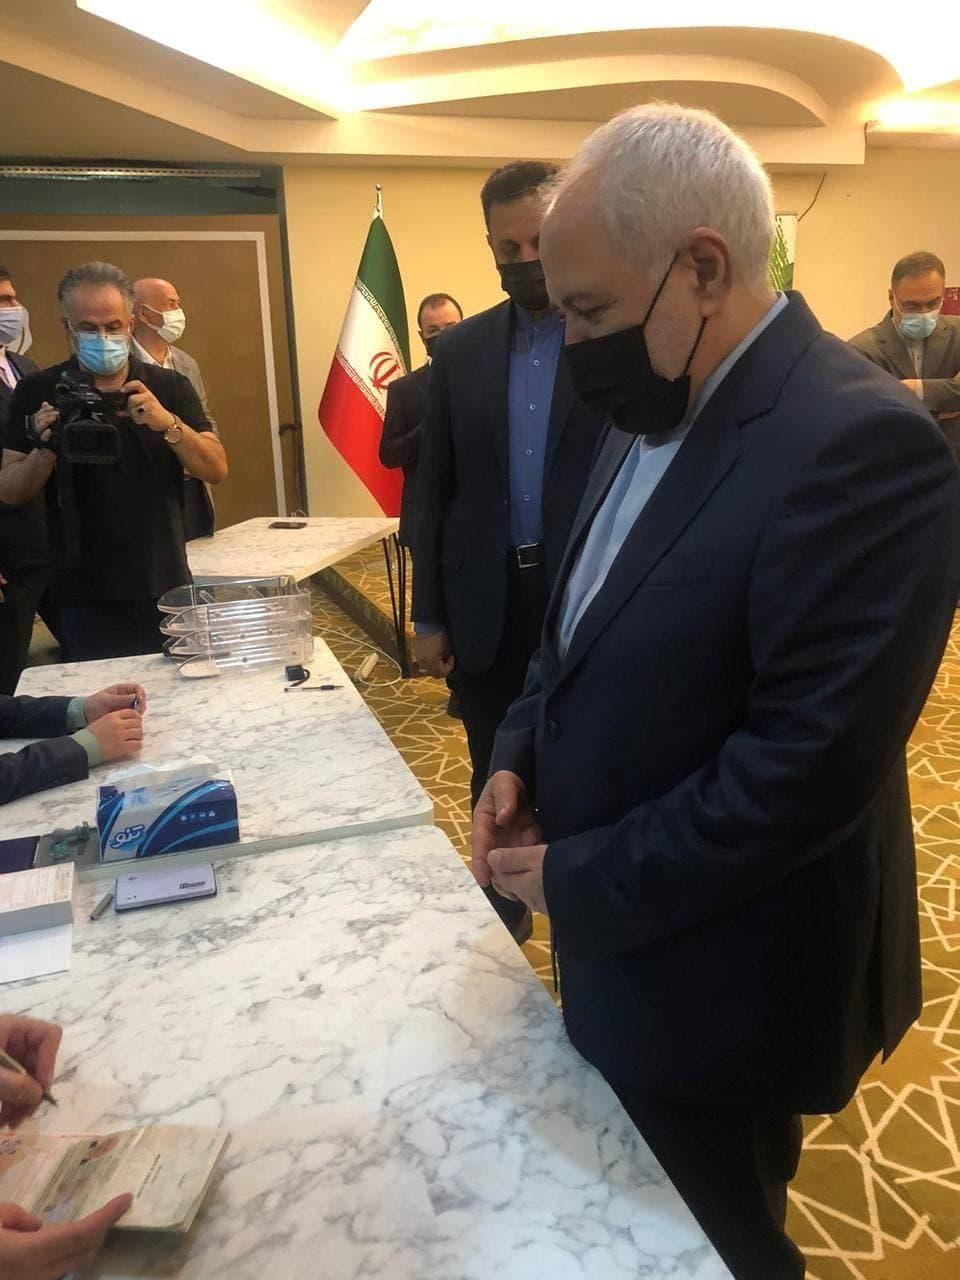 ظریف در ترکیه رای خود را به صندوق انداخت